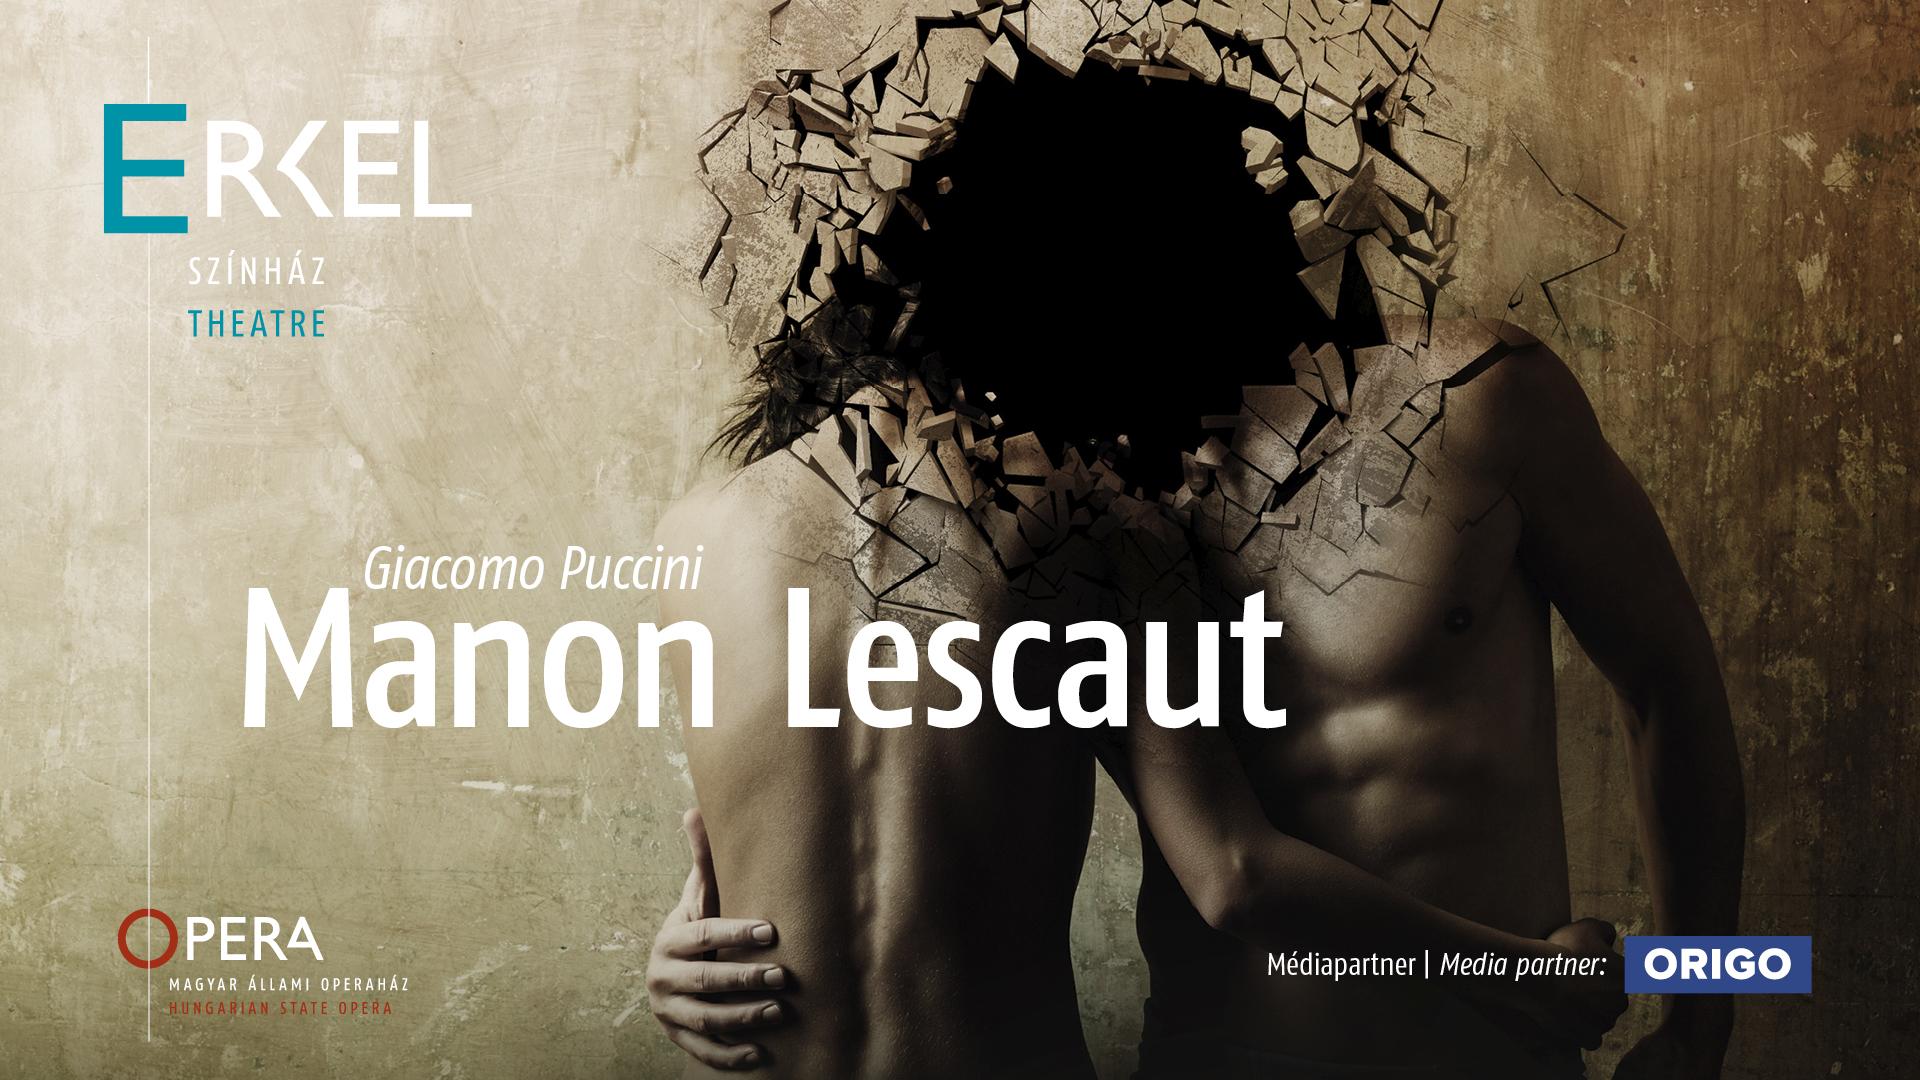 Pénzt vagy szerelmet? – a Manon Lescaut dilemmája újra az Erkelben